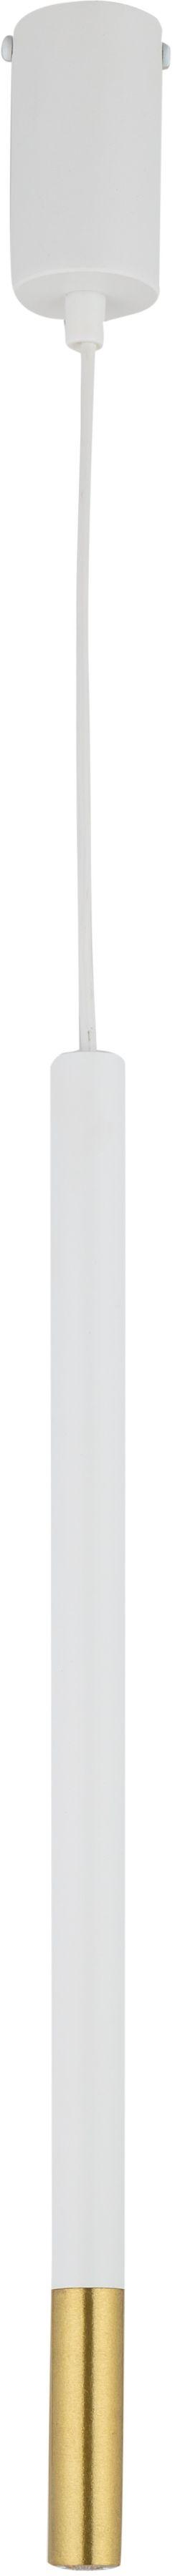 Sopel due lampa wisząca biało złota 33236 - Sigma // Rabaty w koszyku i darmowa dostawa od 299zł !